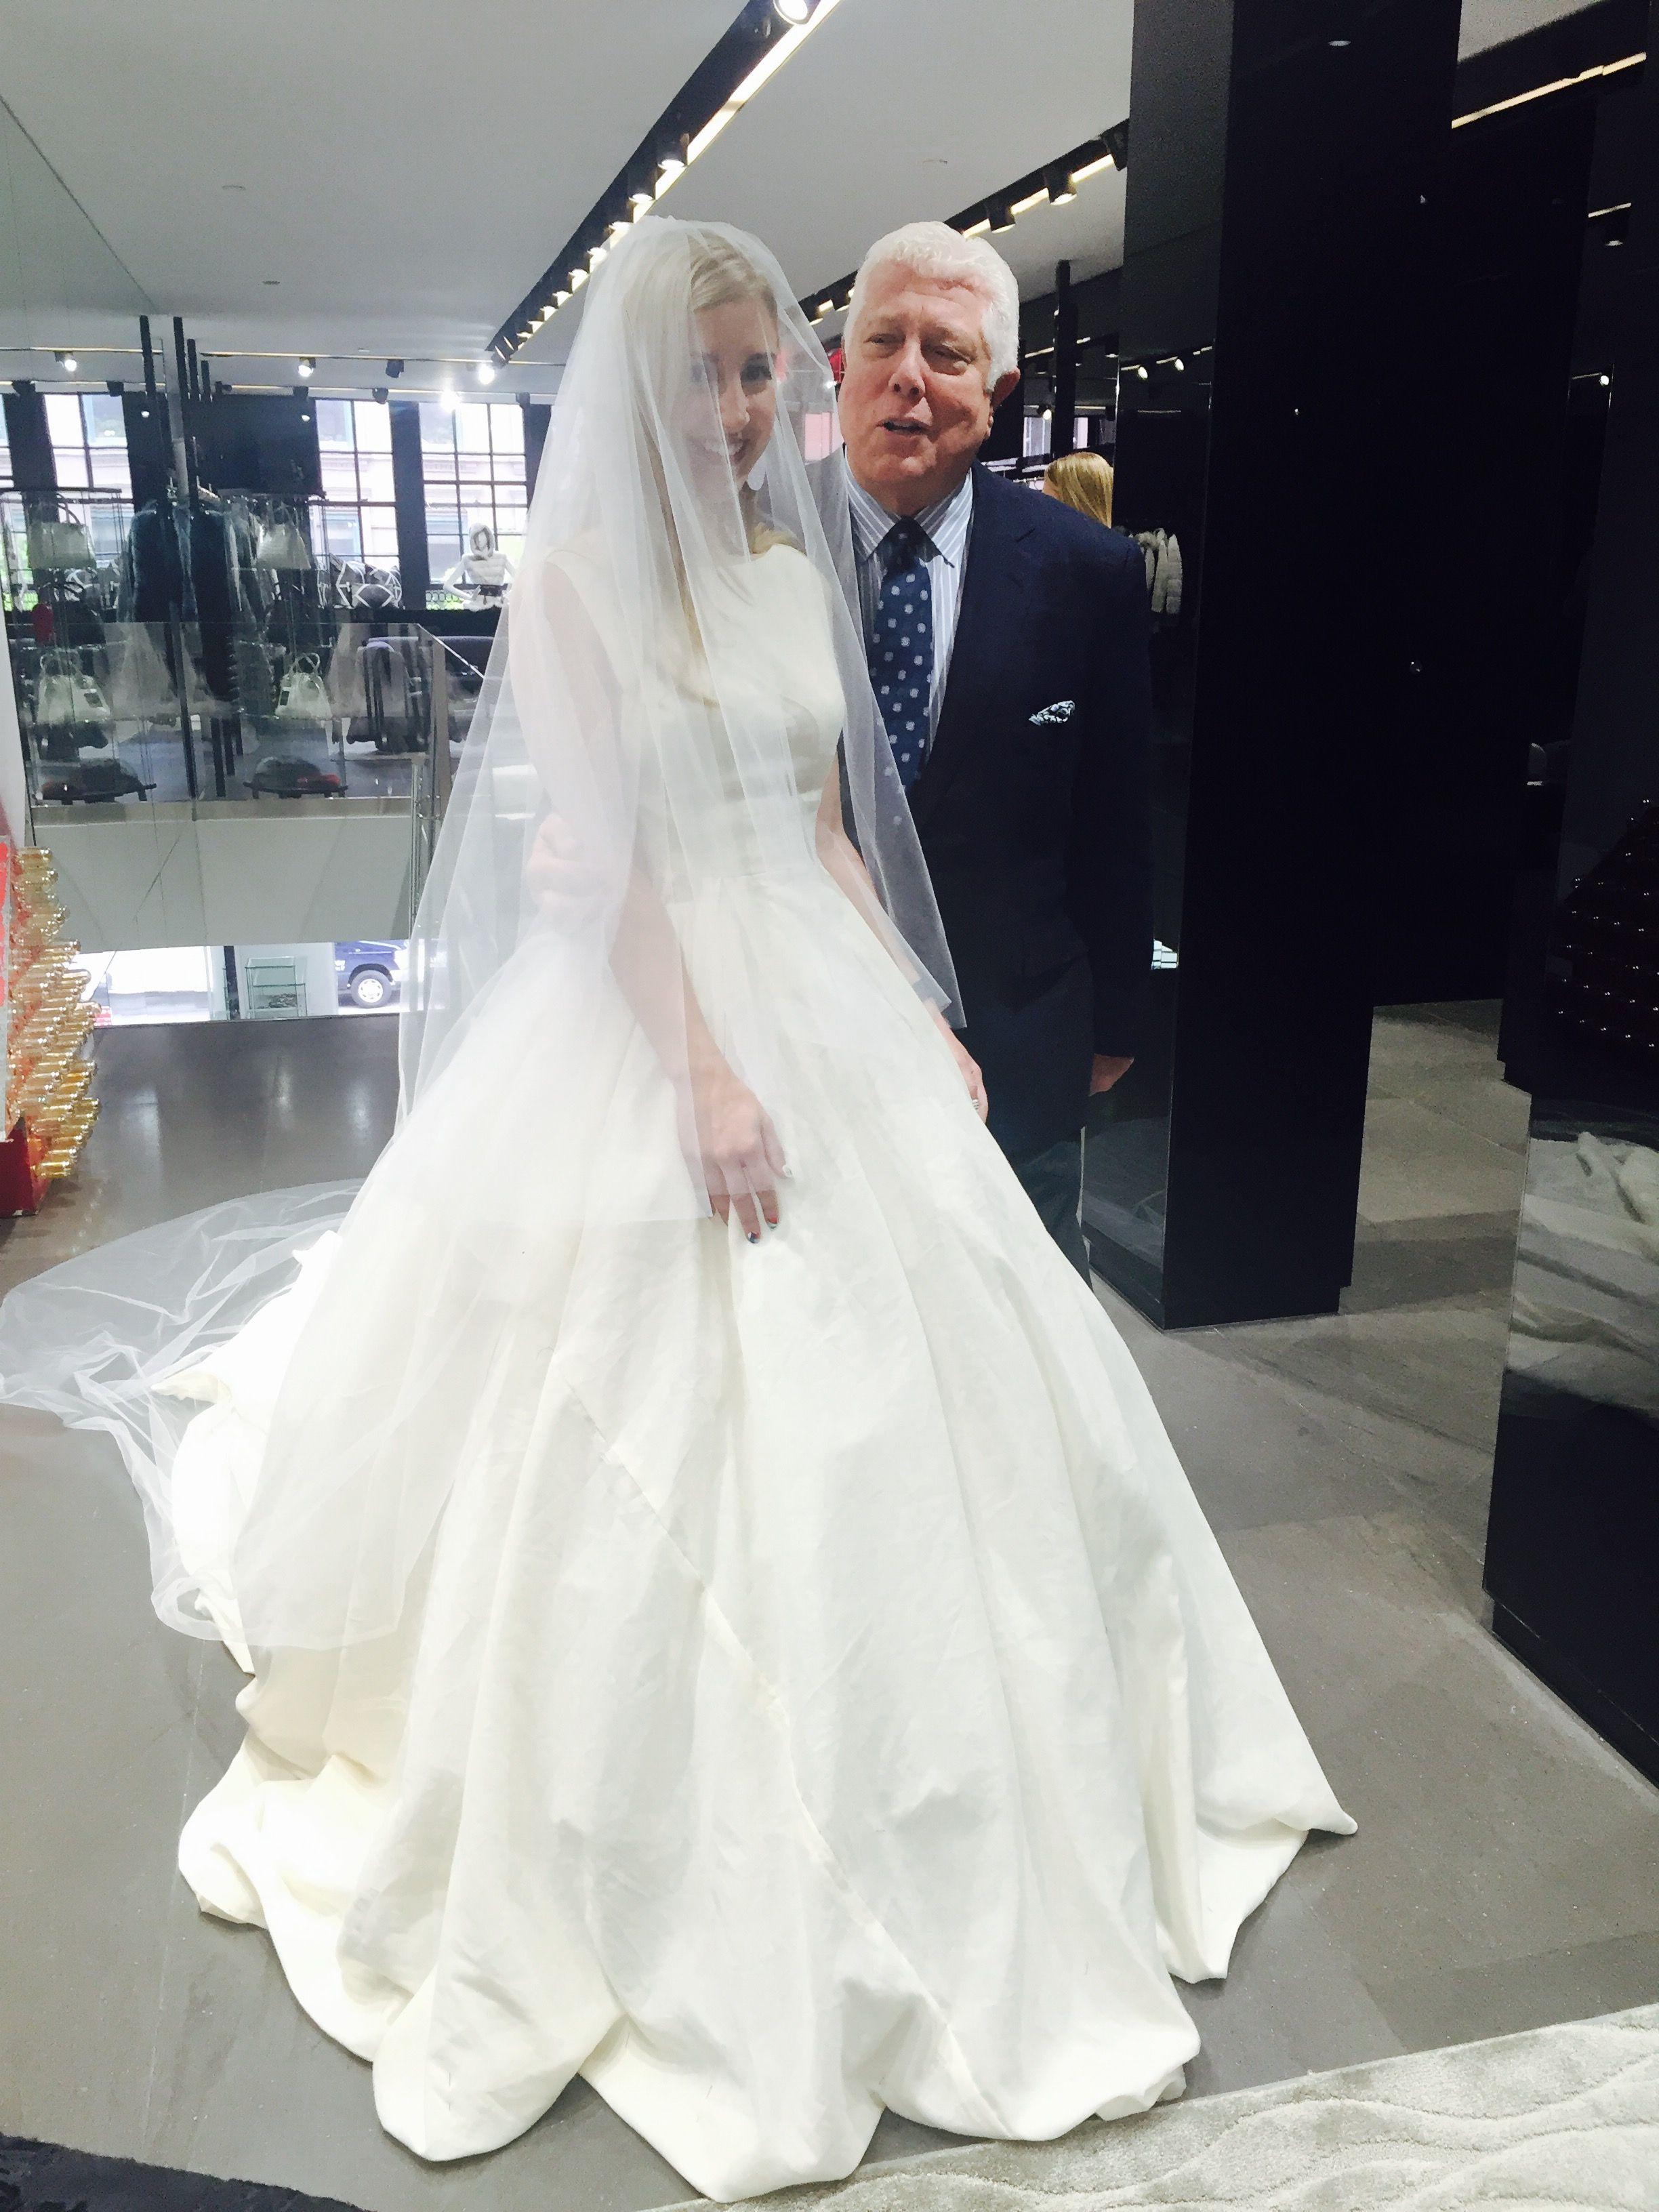 Designing My Wedding Dress with Dennis Basso | Pinterest | Dennis ...